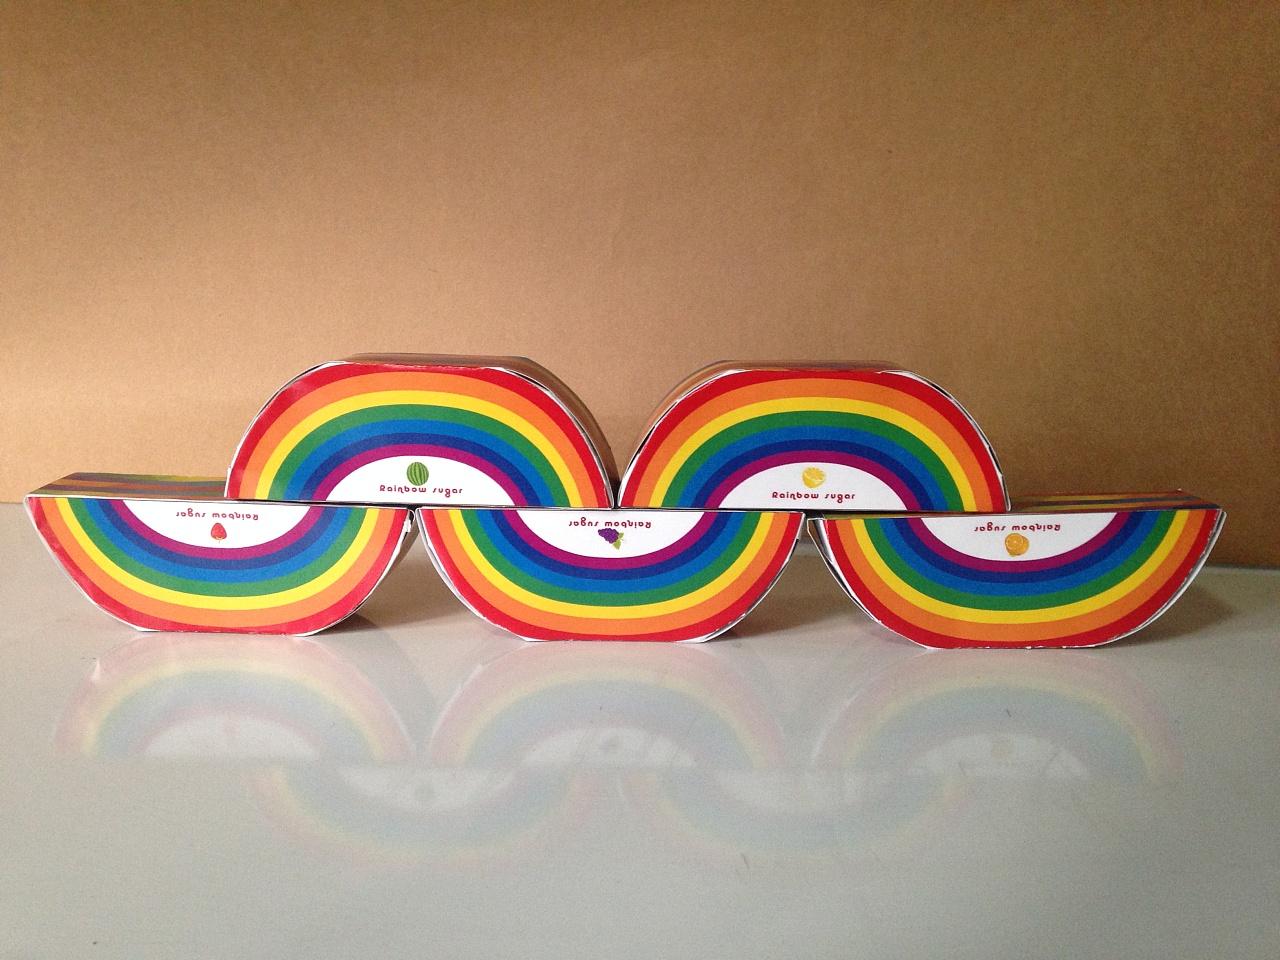 彩虹糖包装设计图片